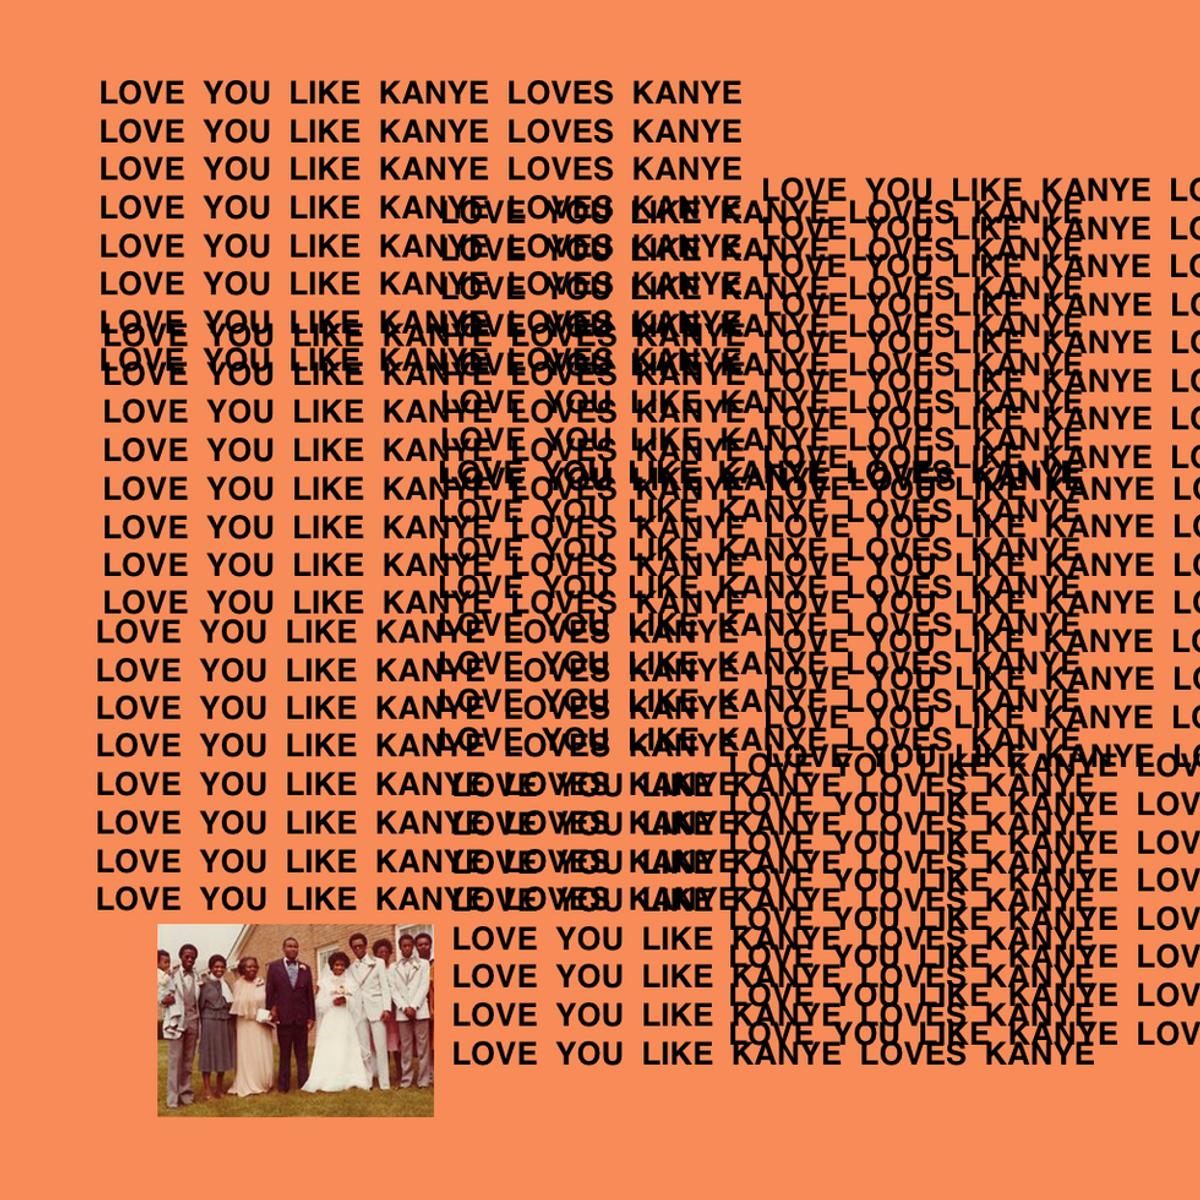 7 Reasons You Should Love Kanye Like Kanye Love Kanye